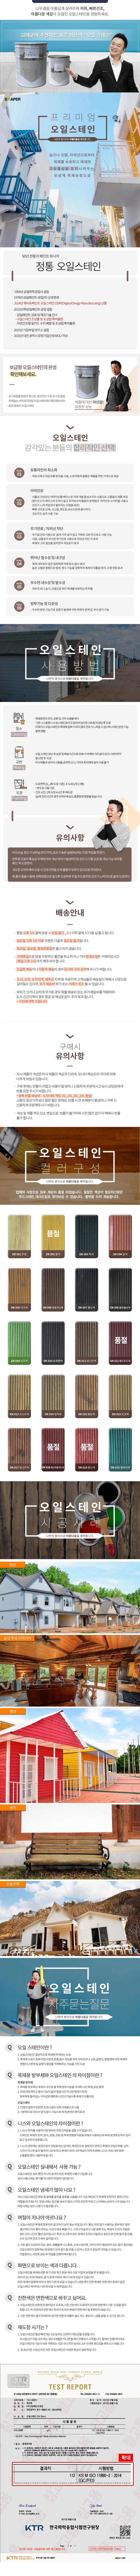 마이칼라 프리미엄 오일스테인 20L 나무페인트 - 익스트리모, 101,000원, DIY 재료, 페인트